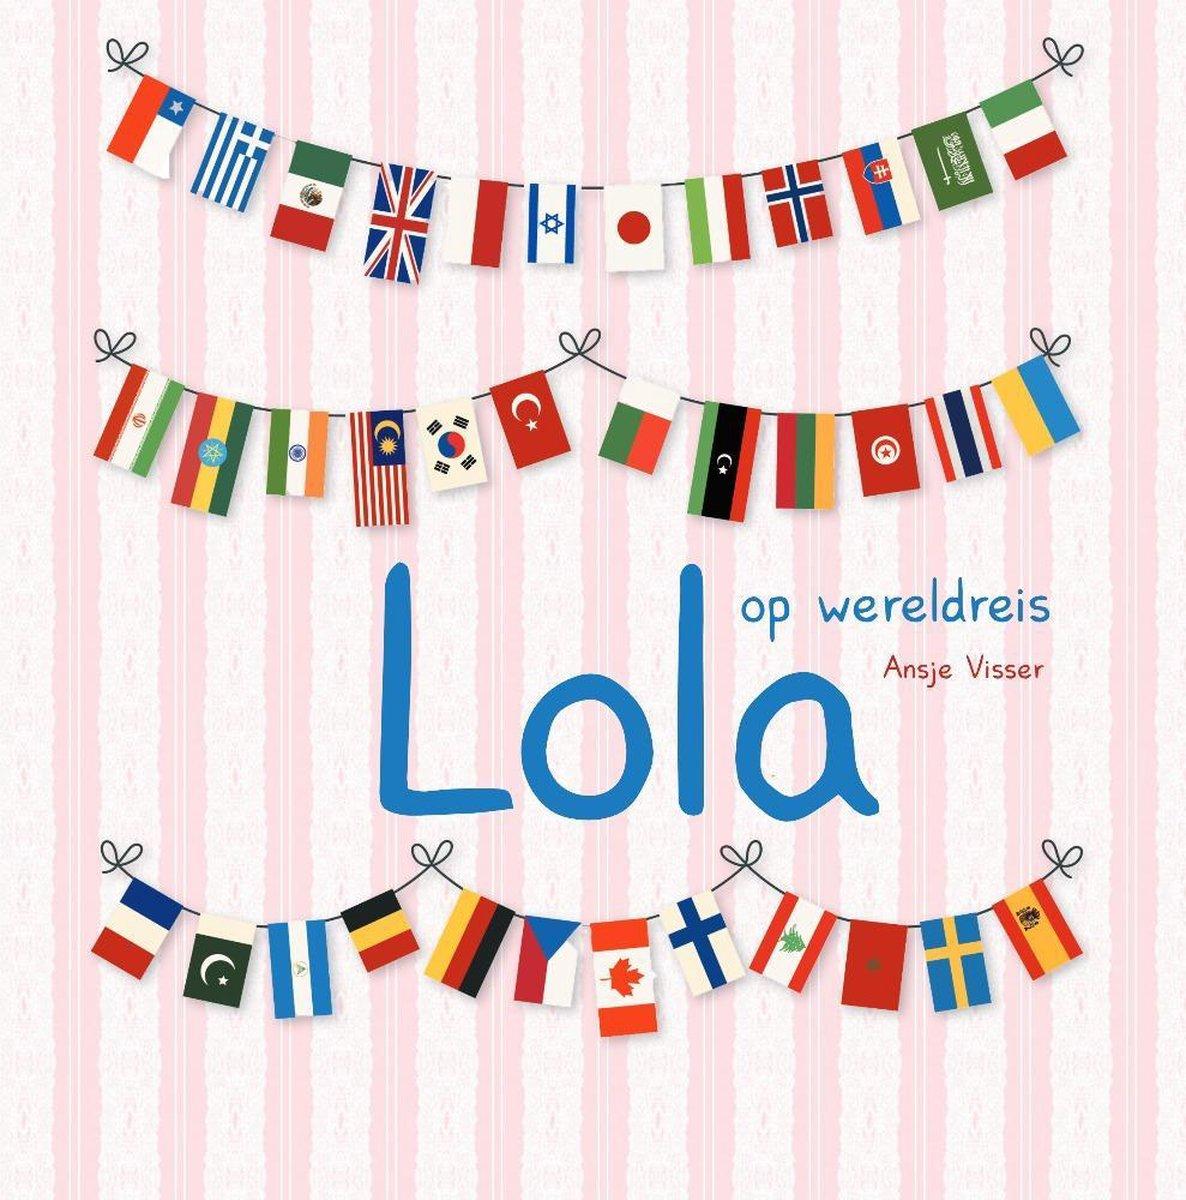 Lola op wereldreis - Een interactief reisboek voor nieuwsgierige kinderen